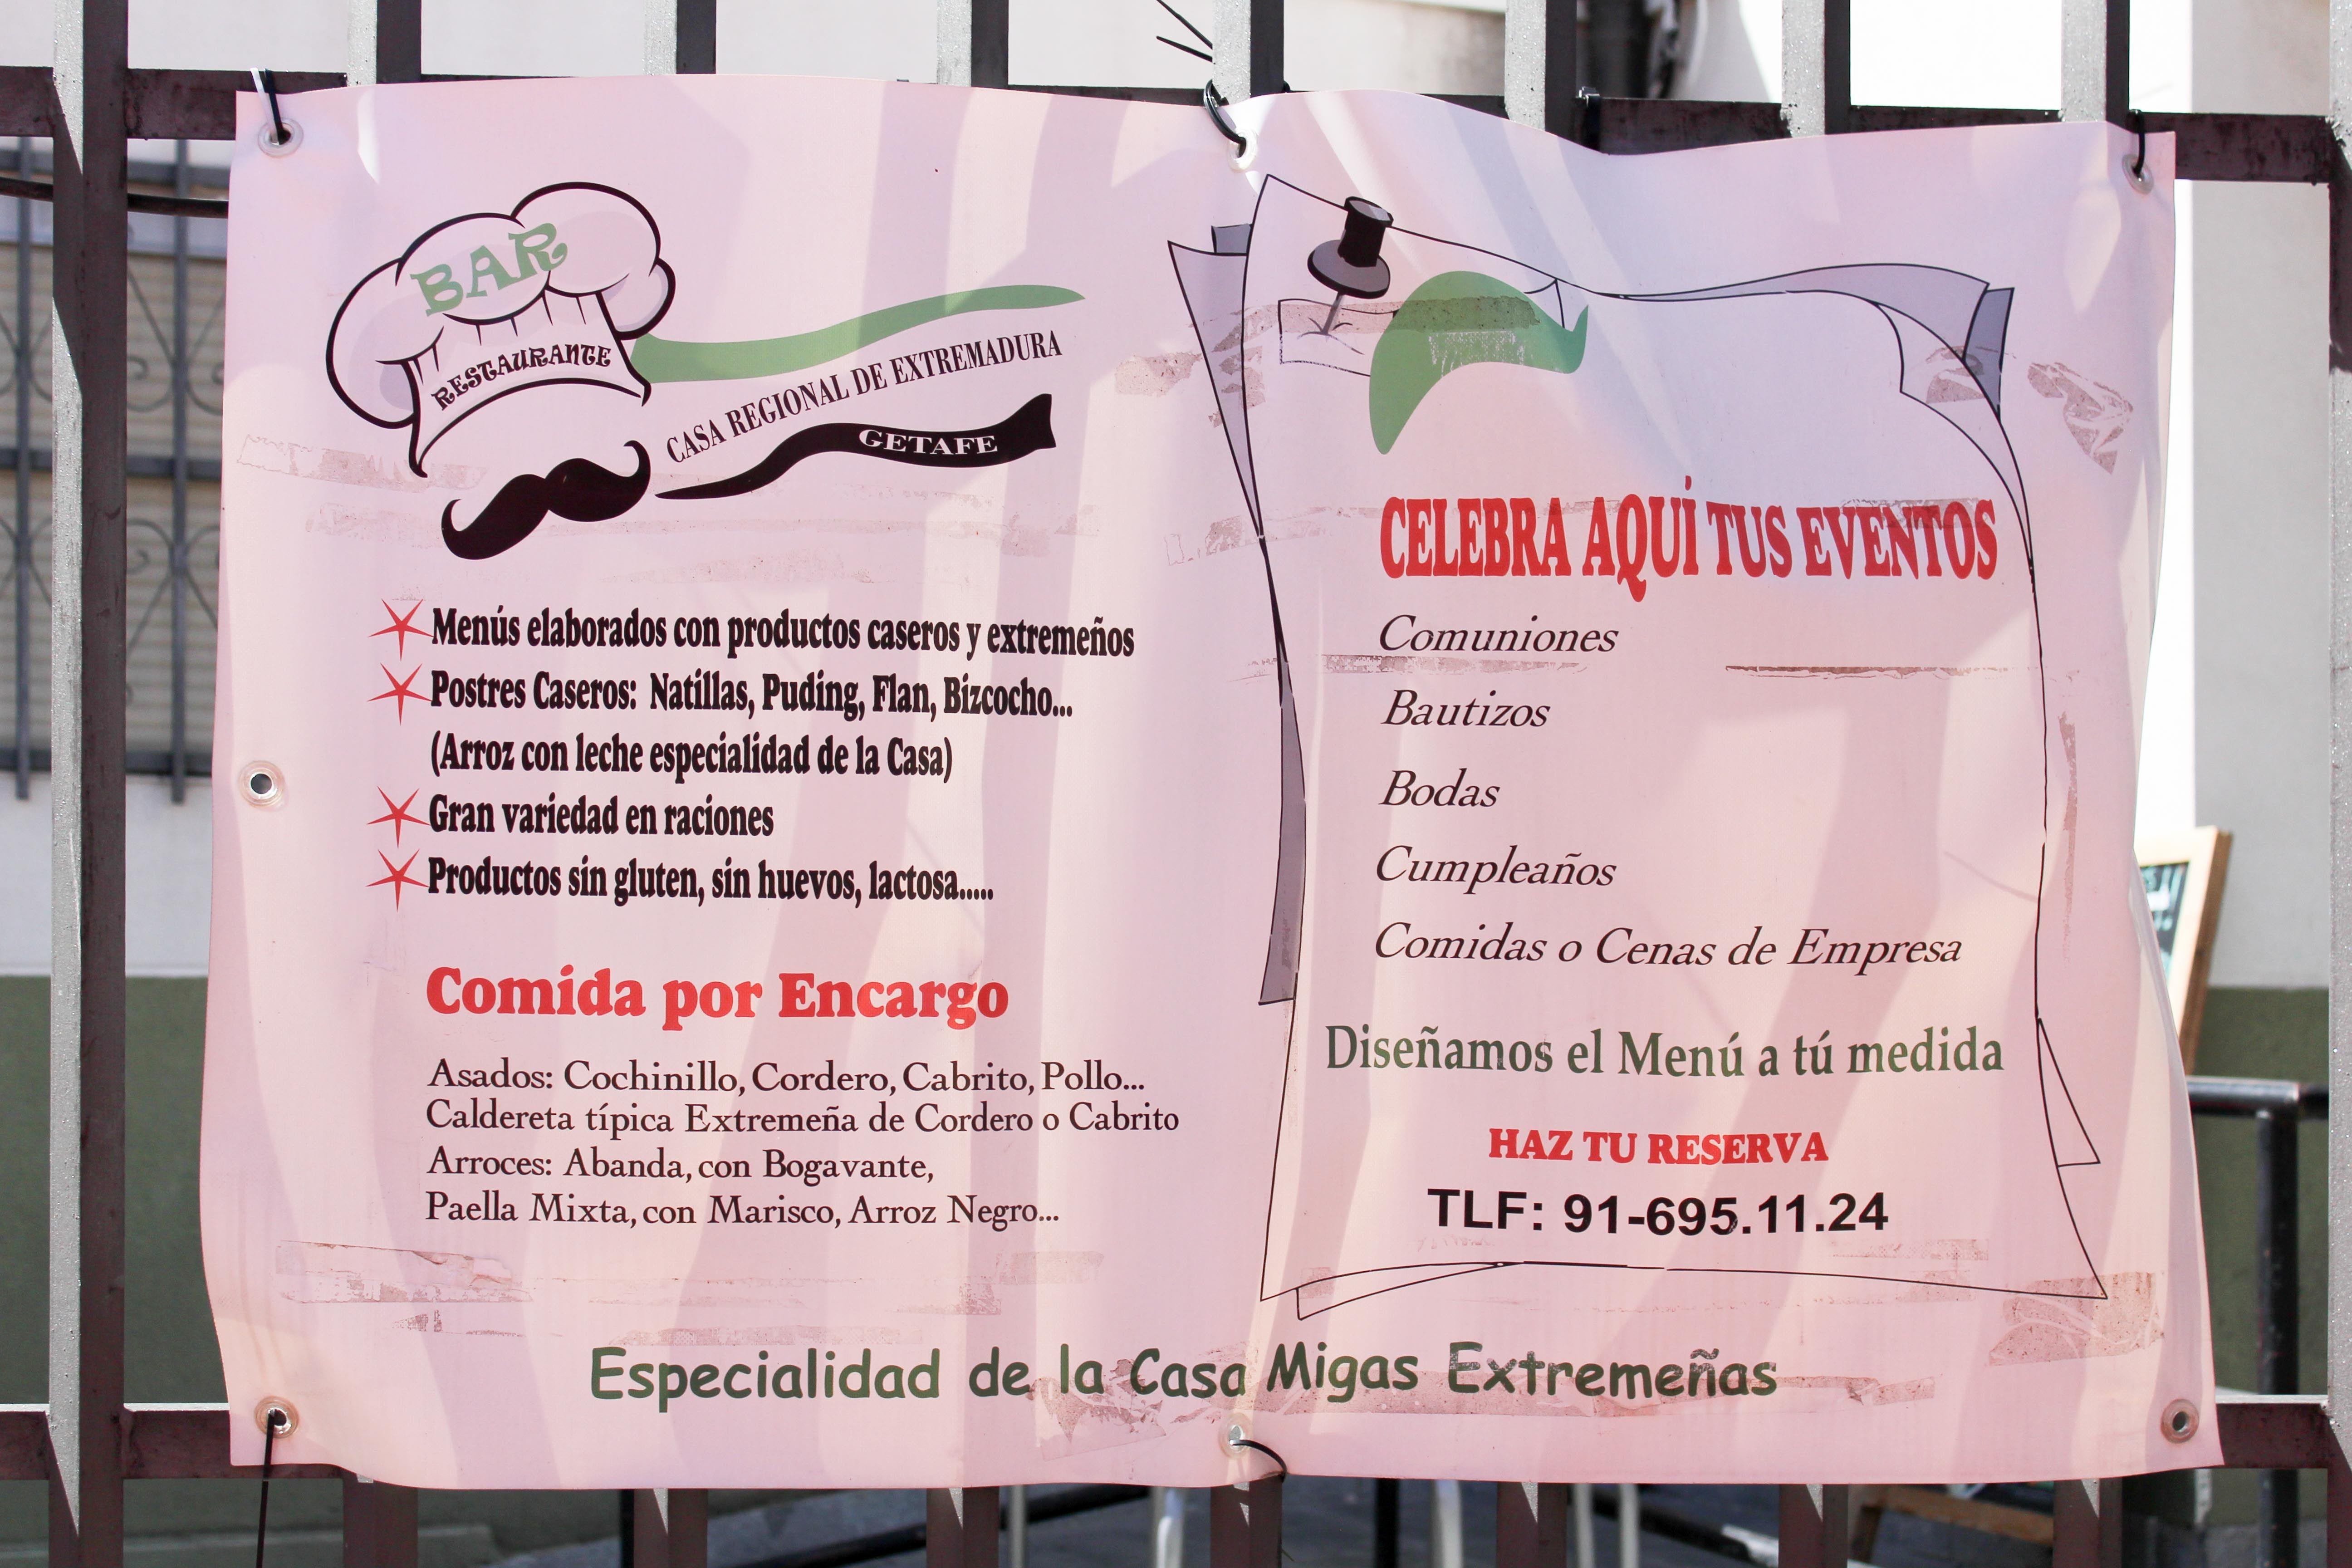 Foto 5 de Amplia variedad de raciones, bocadillos y paletos en Getafe | Restaurante Casa Extremadura